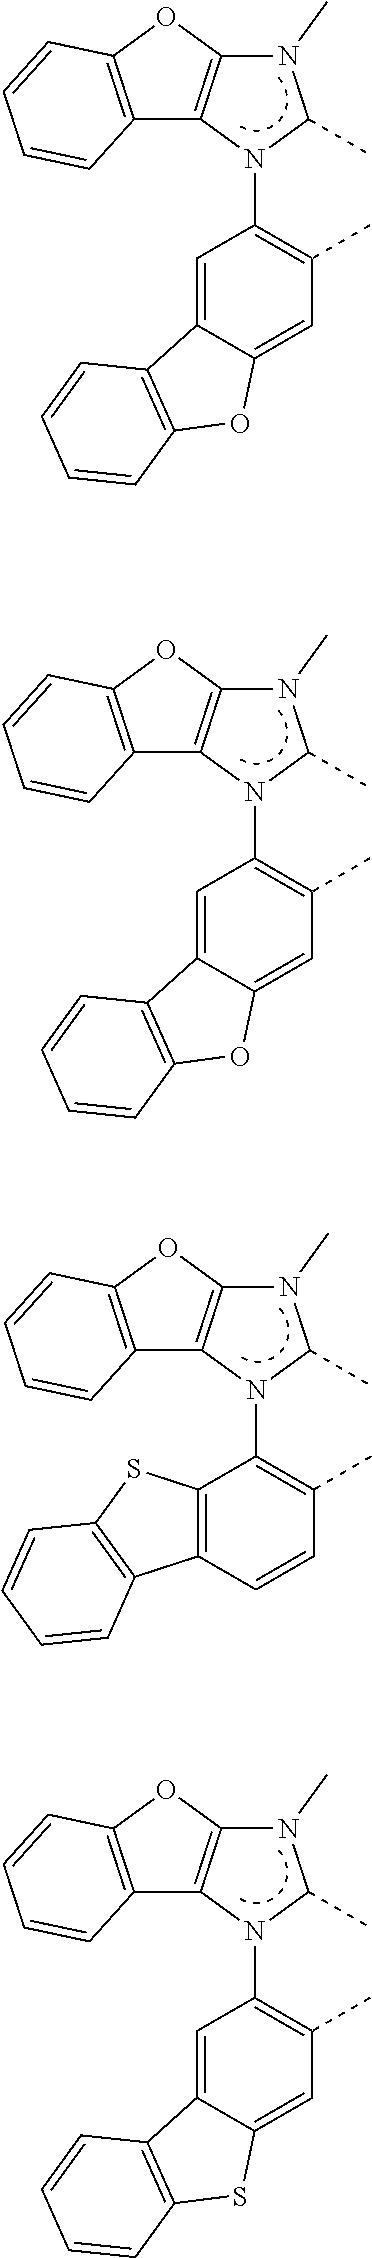 Figure US09773985-20170926-C00277